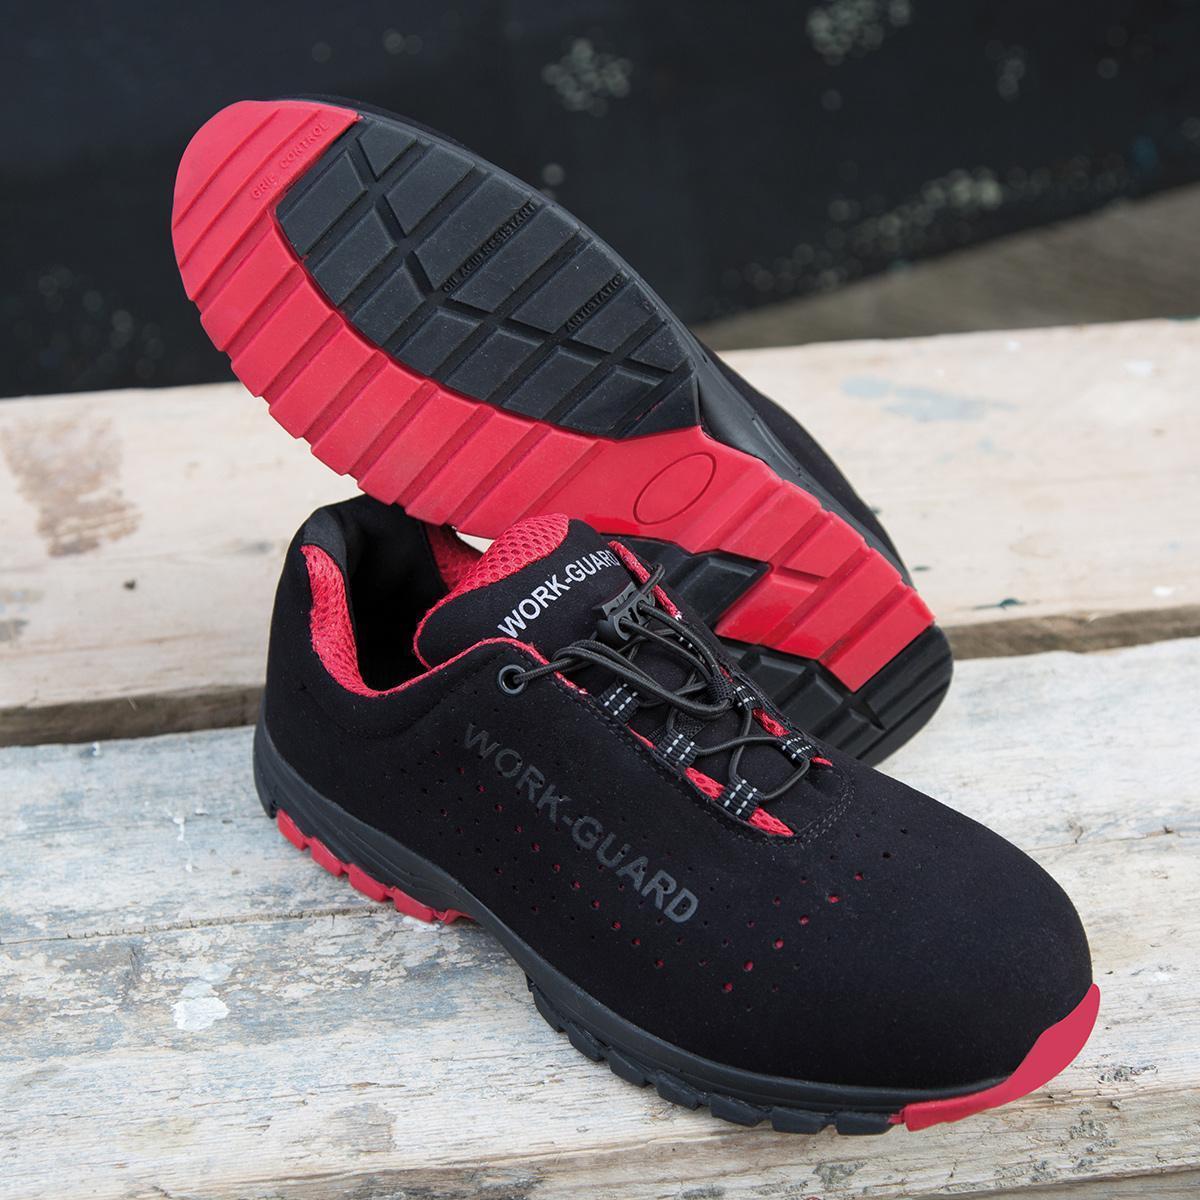 RESULT scarpe LAVORO sicurezza 626 Shield Shield 626 Lightweight SAFETY Trainer POLIURETANO be75f9